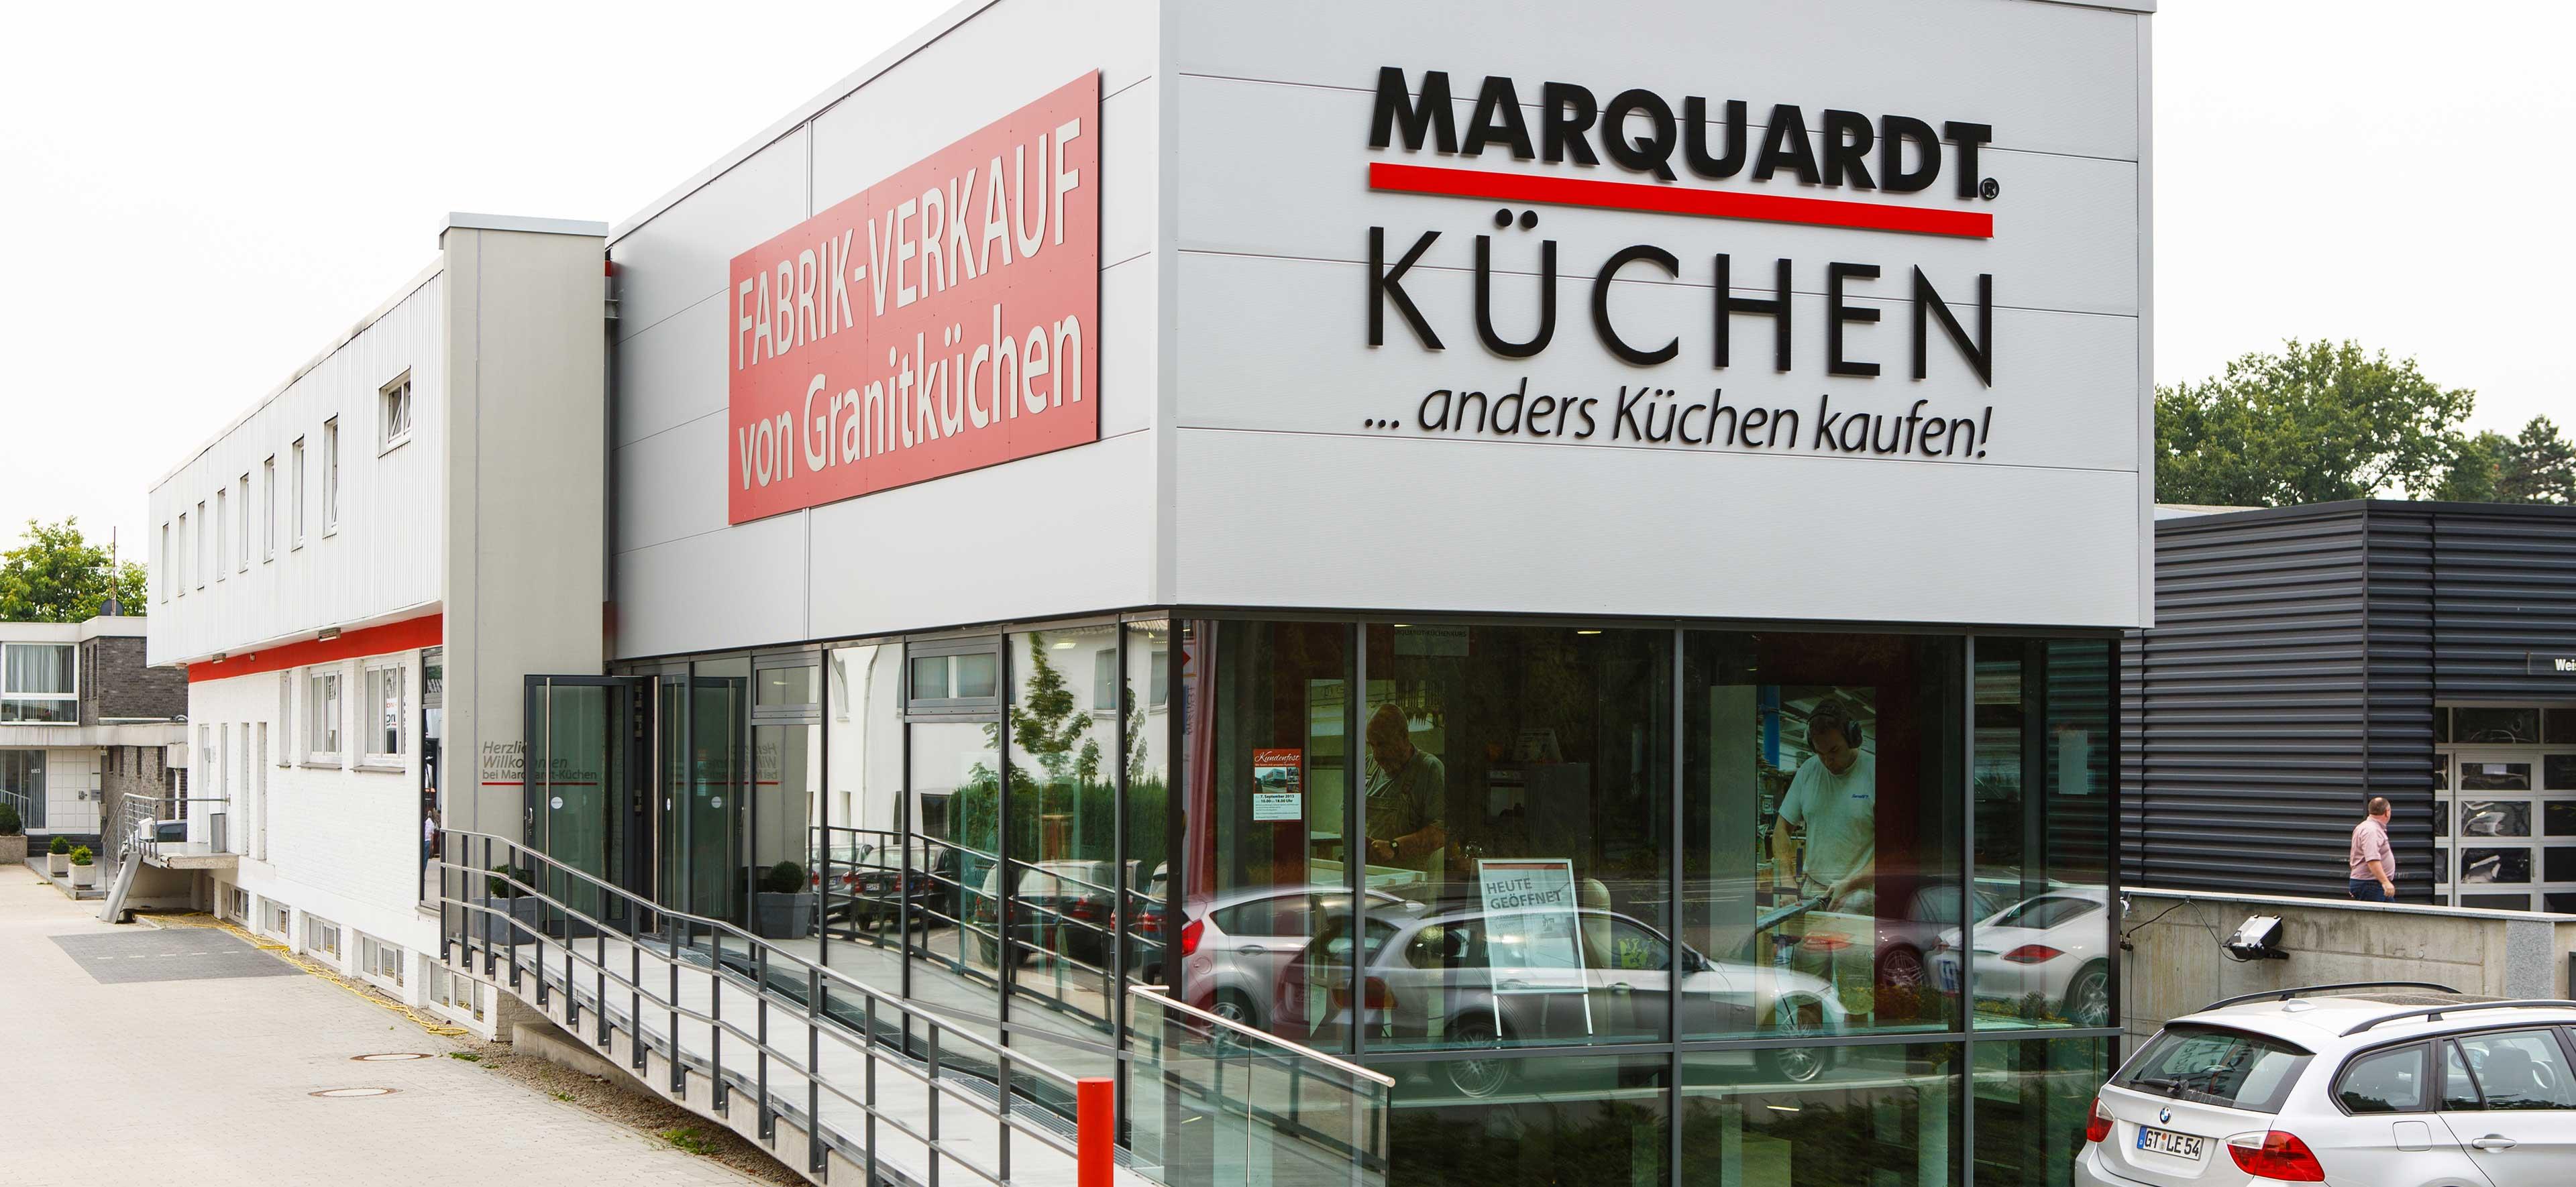 Kuchenstudio Munster Marquardt Kuchen